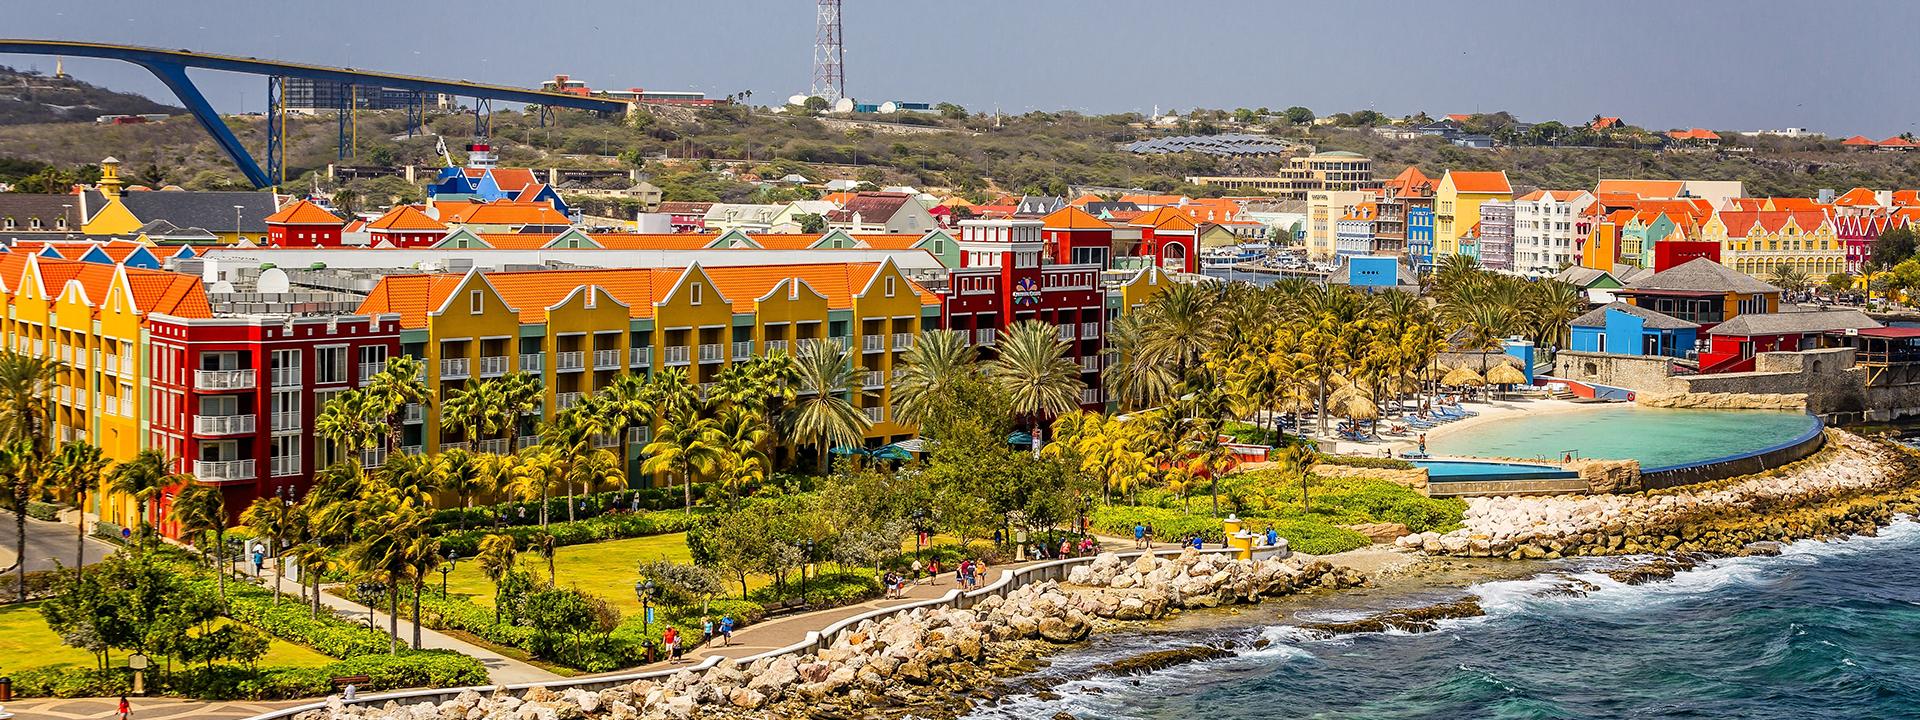 Arquivos Curaçao - Labadee Tour - Viva mais, viaje mais!